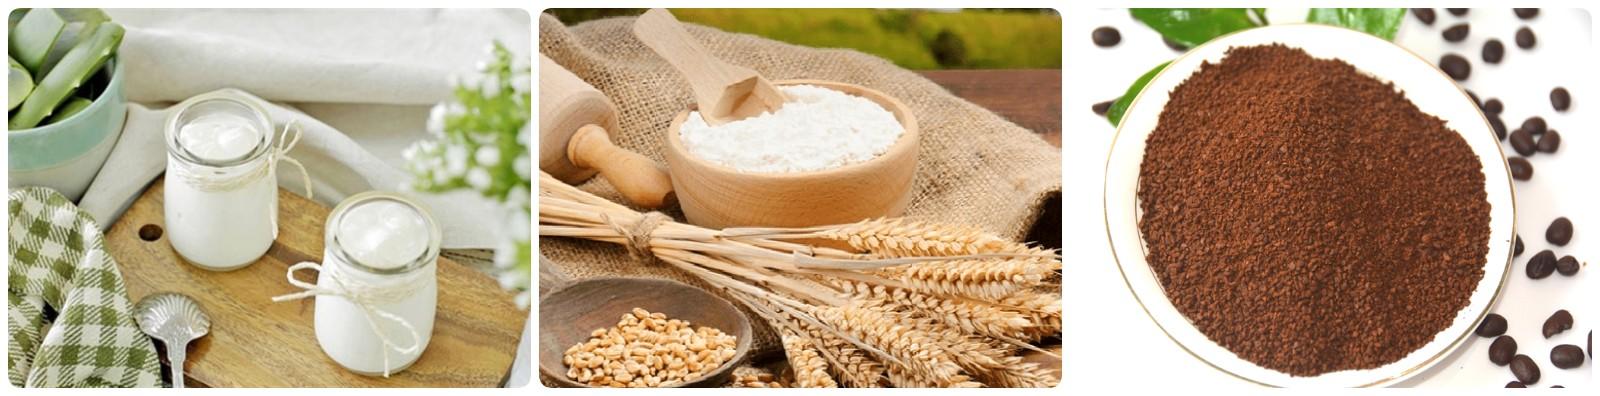 Trị mụn với bột cám gạo cùng bột cà phê và sữa chua không đường